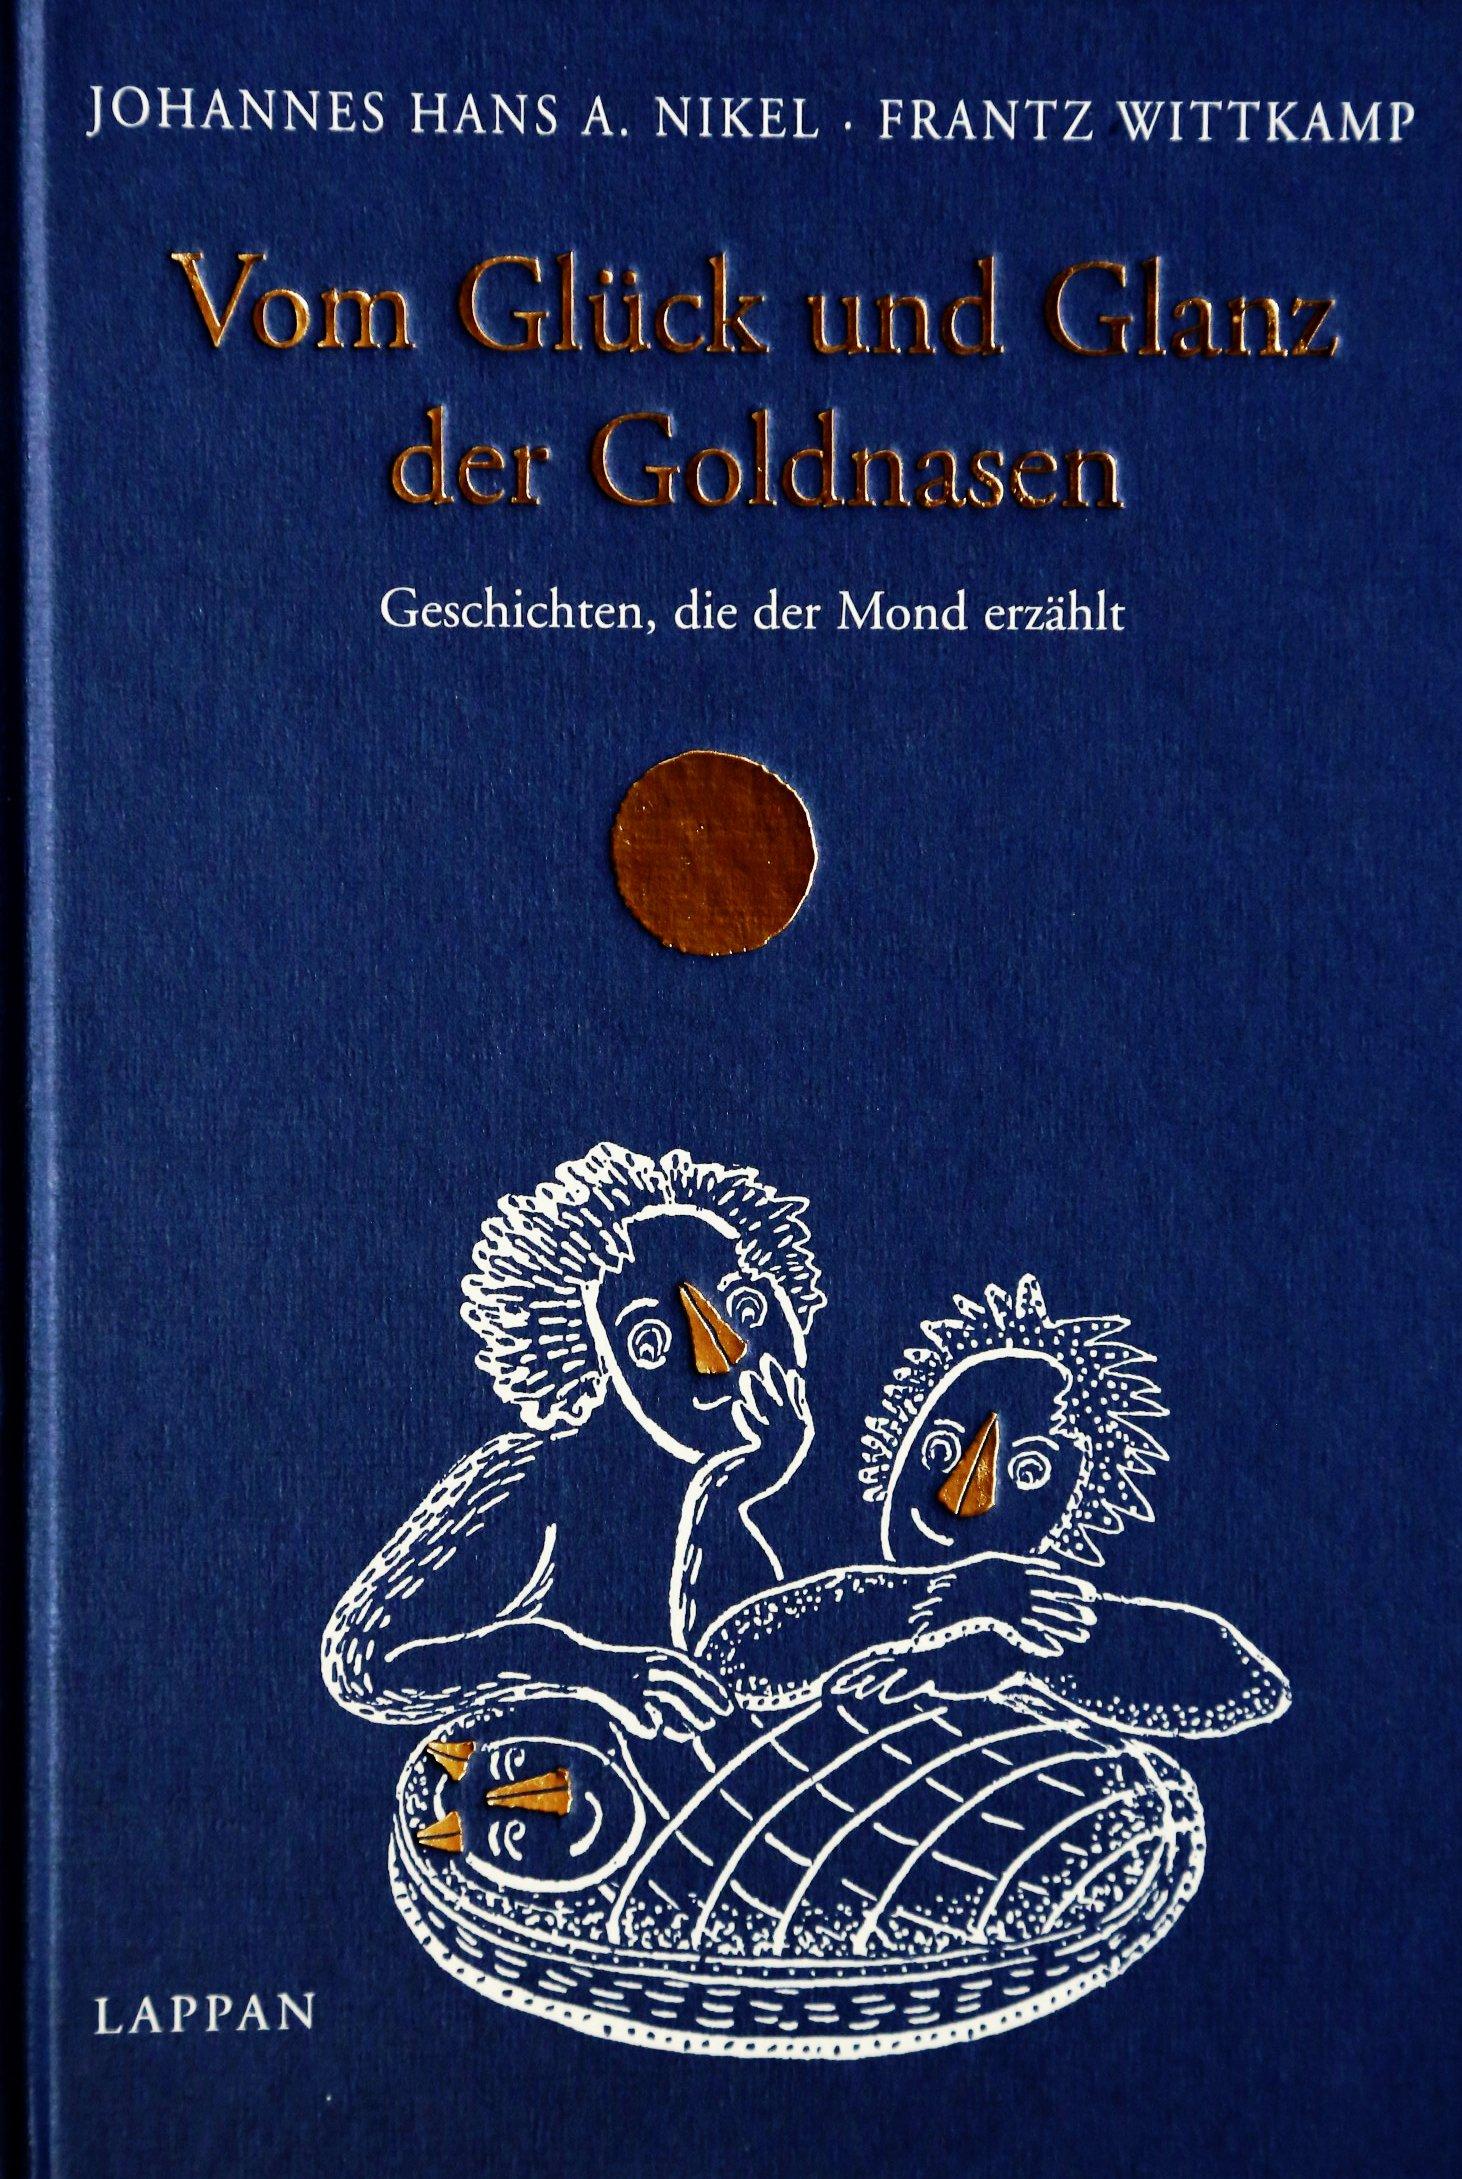 Vom Glück und Glanz der Goldnasen: Geschichten, die der Mond erzählt